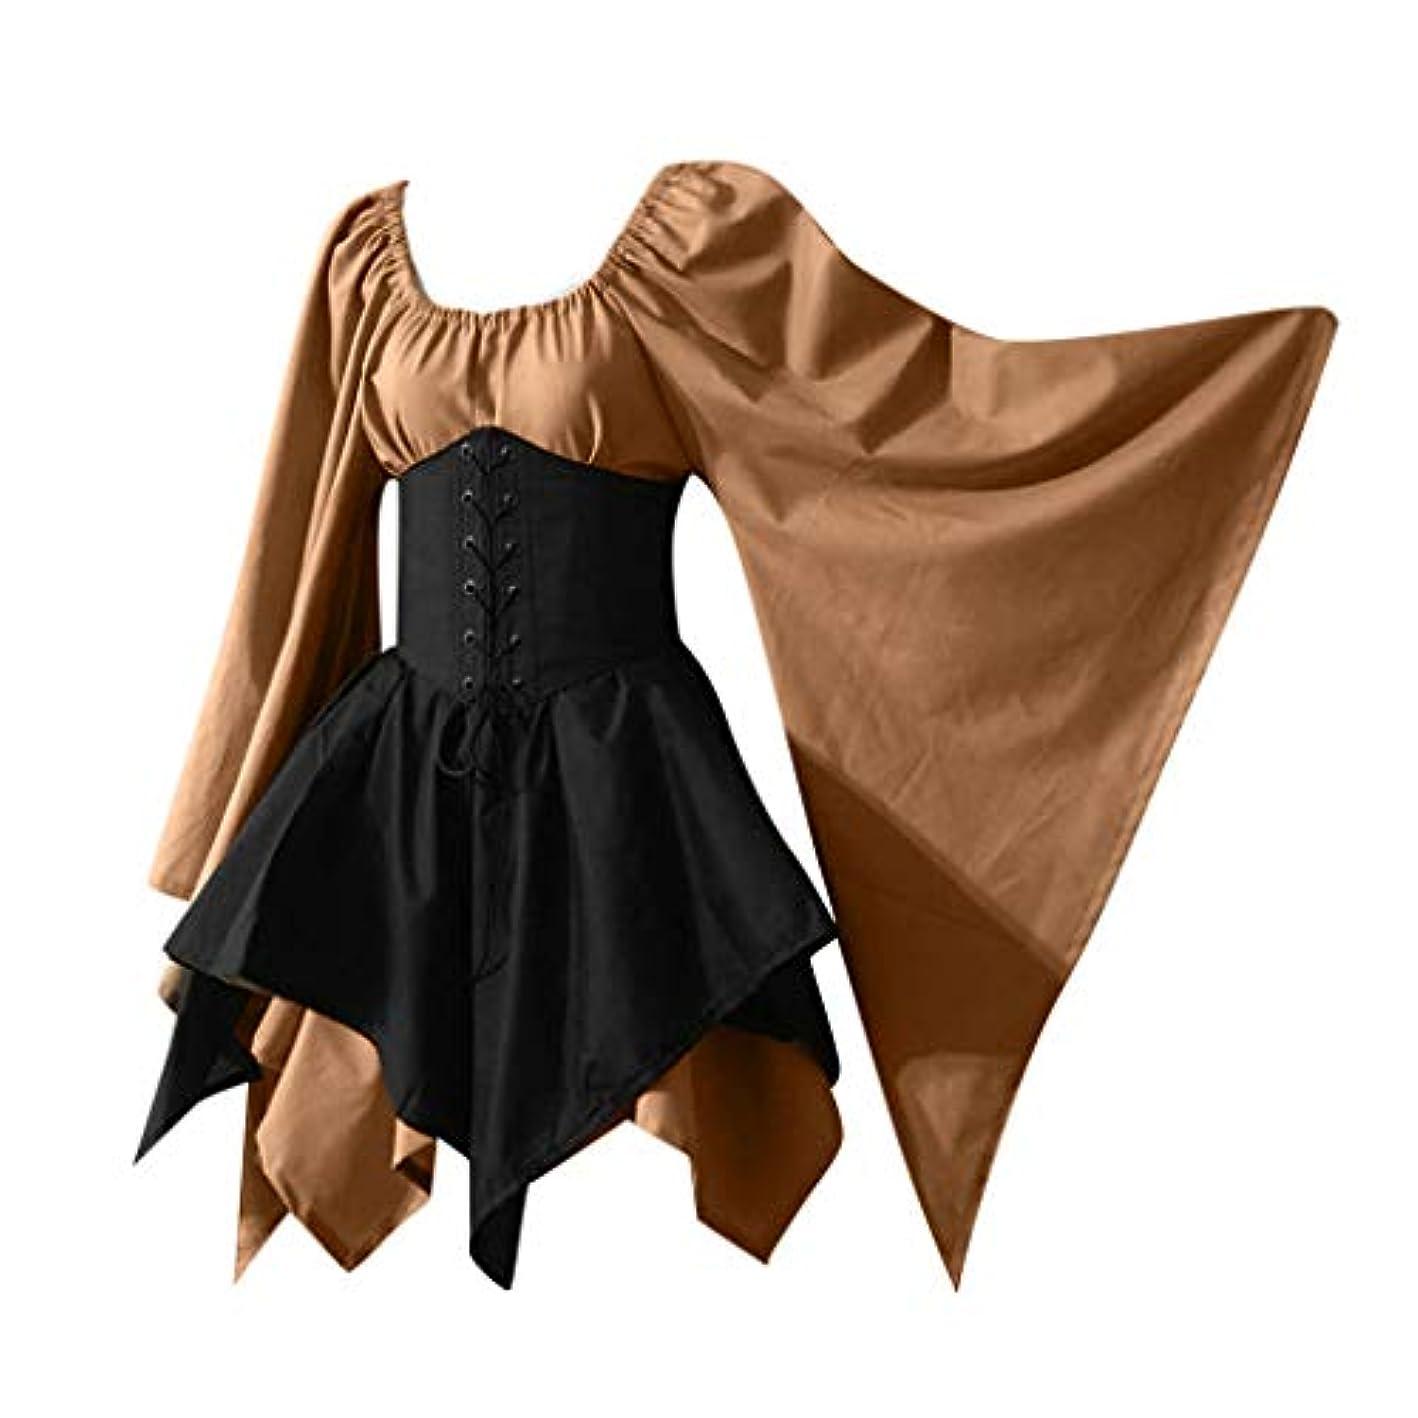 ビリーヤギ強化競争力のあるワンピース レディース ステージ衣装 Huliyun 舞台 ドレス コートスタイル制服 コスプレ衣装 レース ヴィンテージ 洋服 コスチューム ドレス ステージ衣装 レディース 洋服